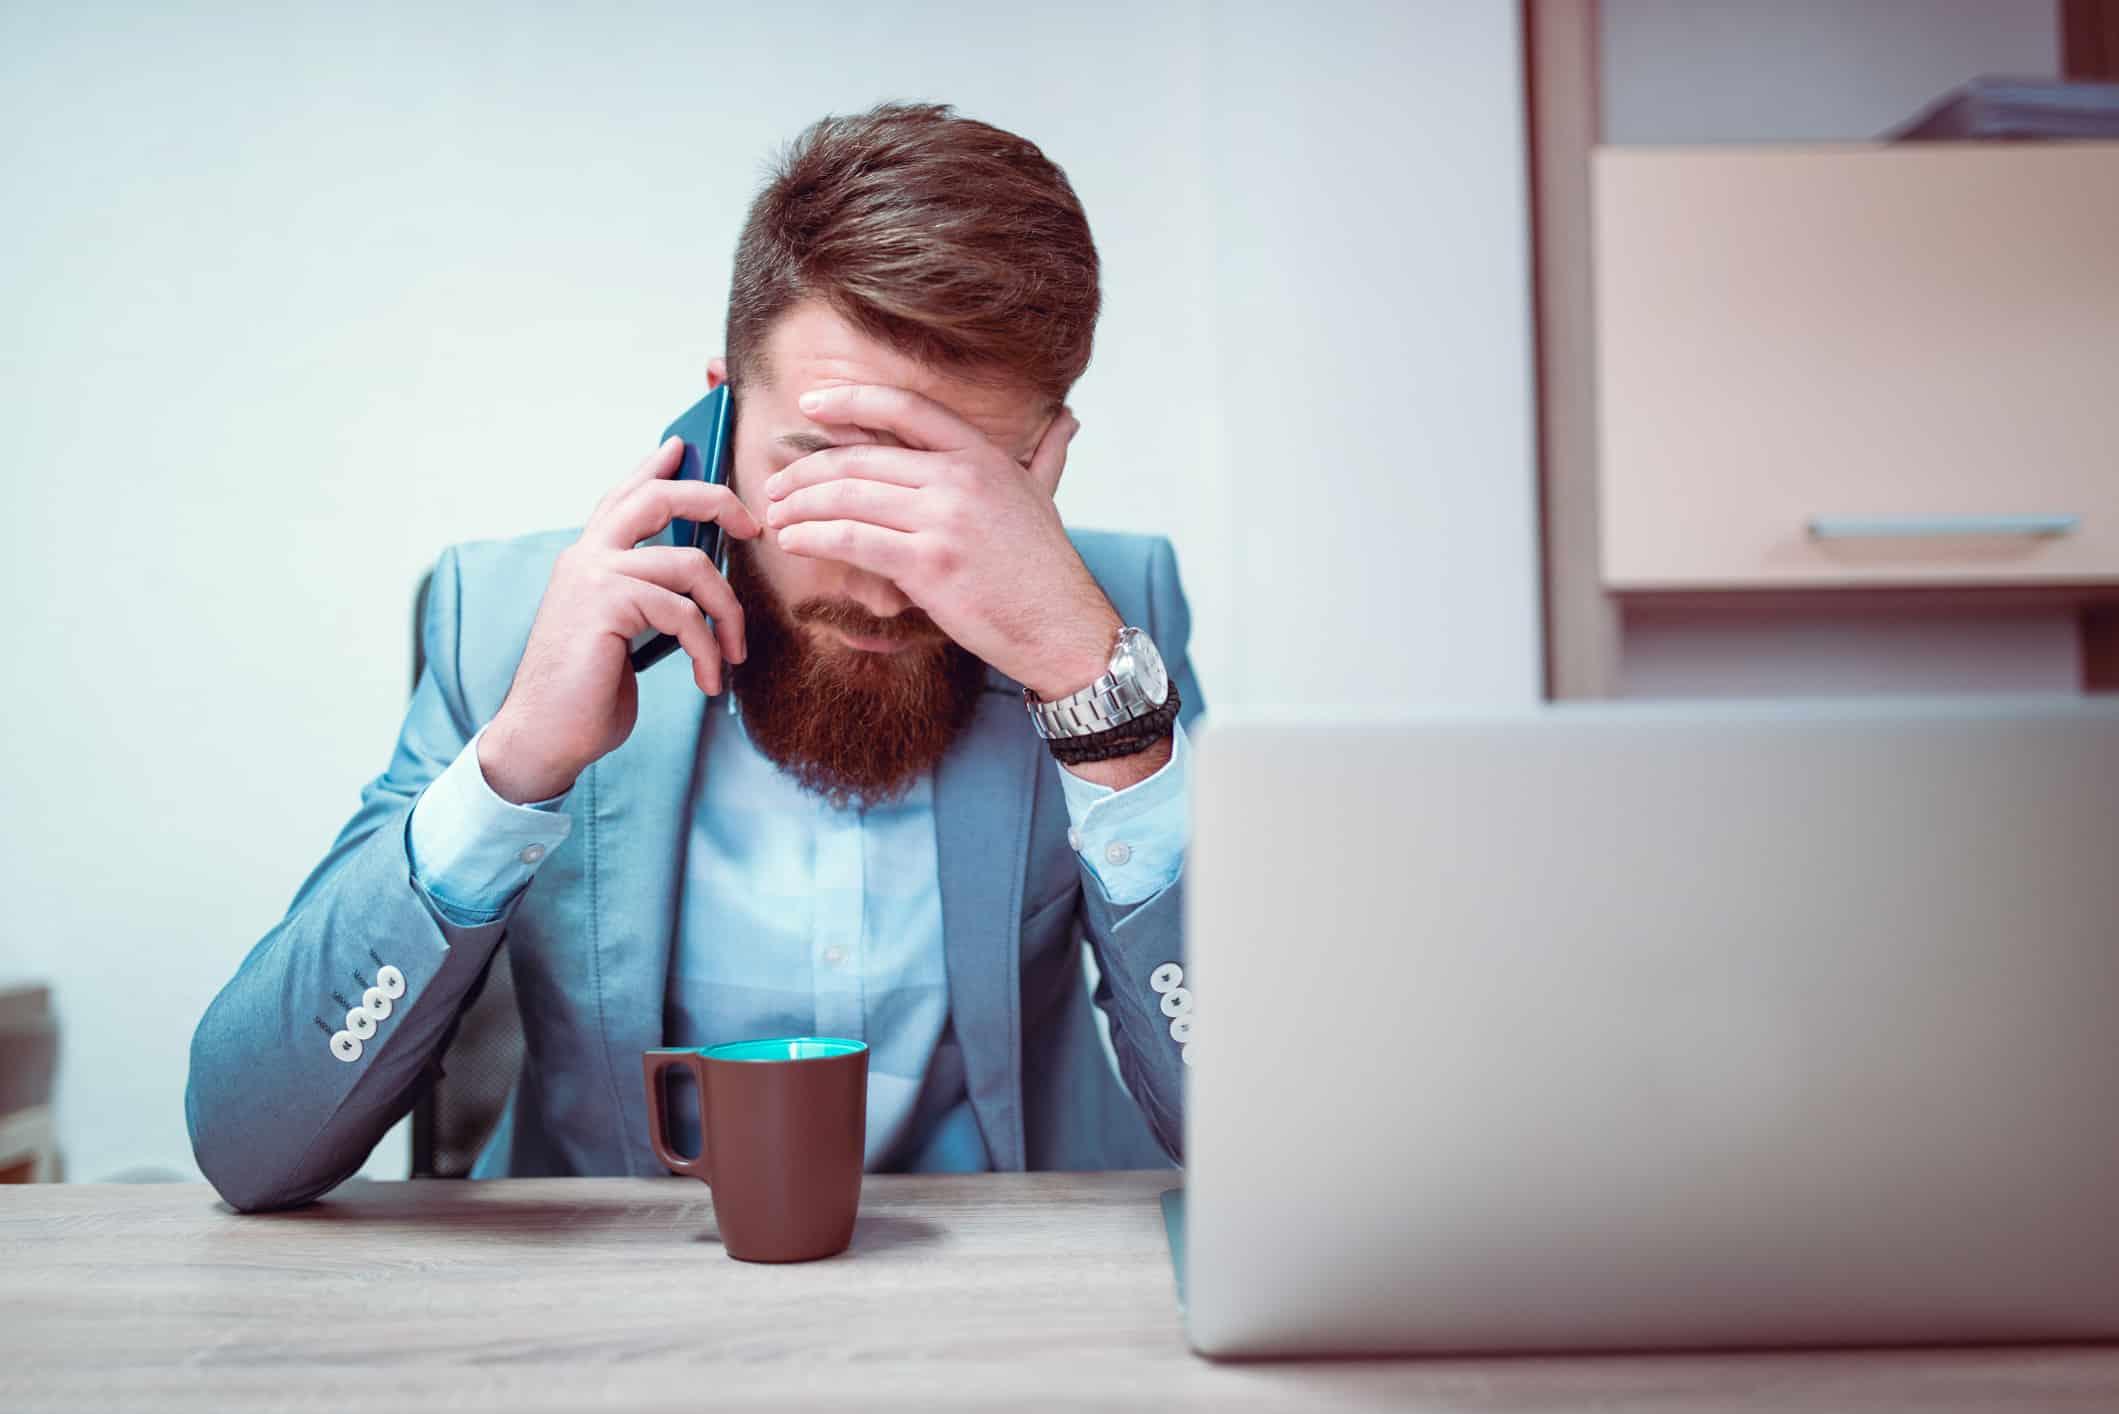 Lista do Não Me Perturbe desafia empresas de telefonia e conversar com clientes sem incomodá-los